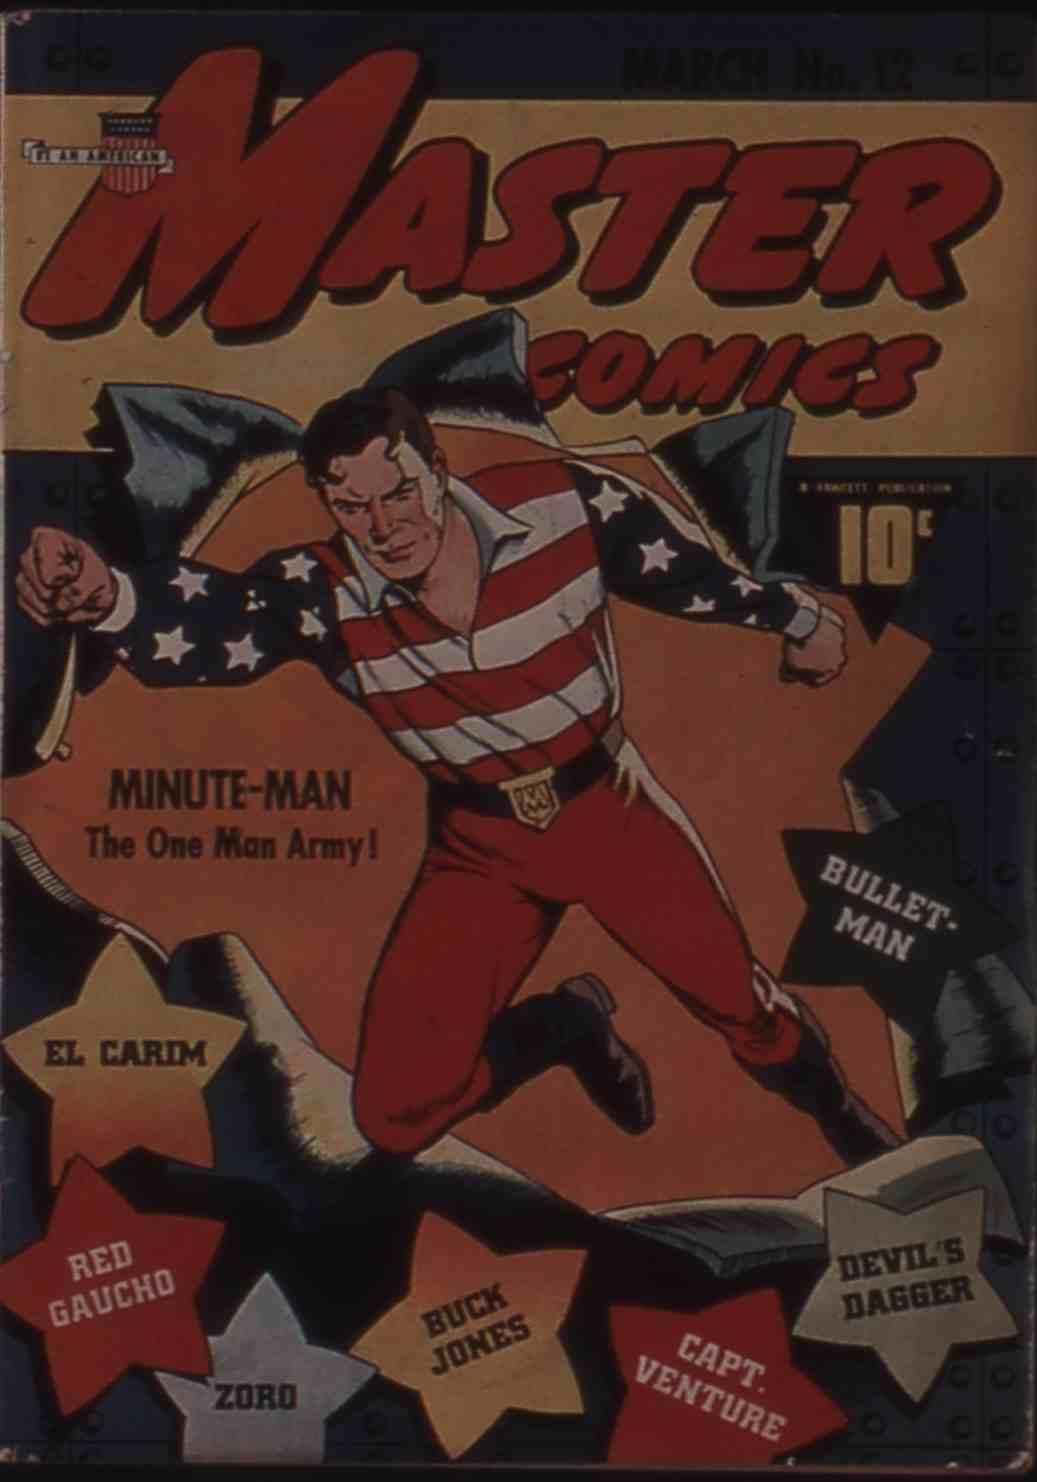 Comic Book Cover For Buck Jones (Fawcett Master Comics) vol 1